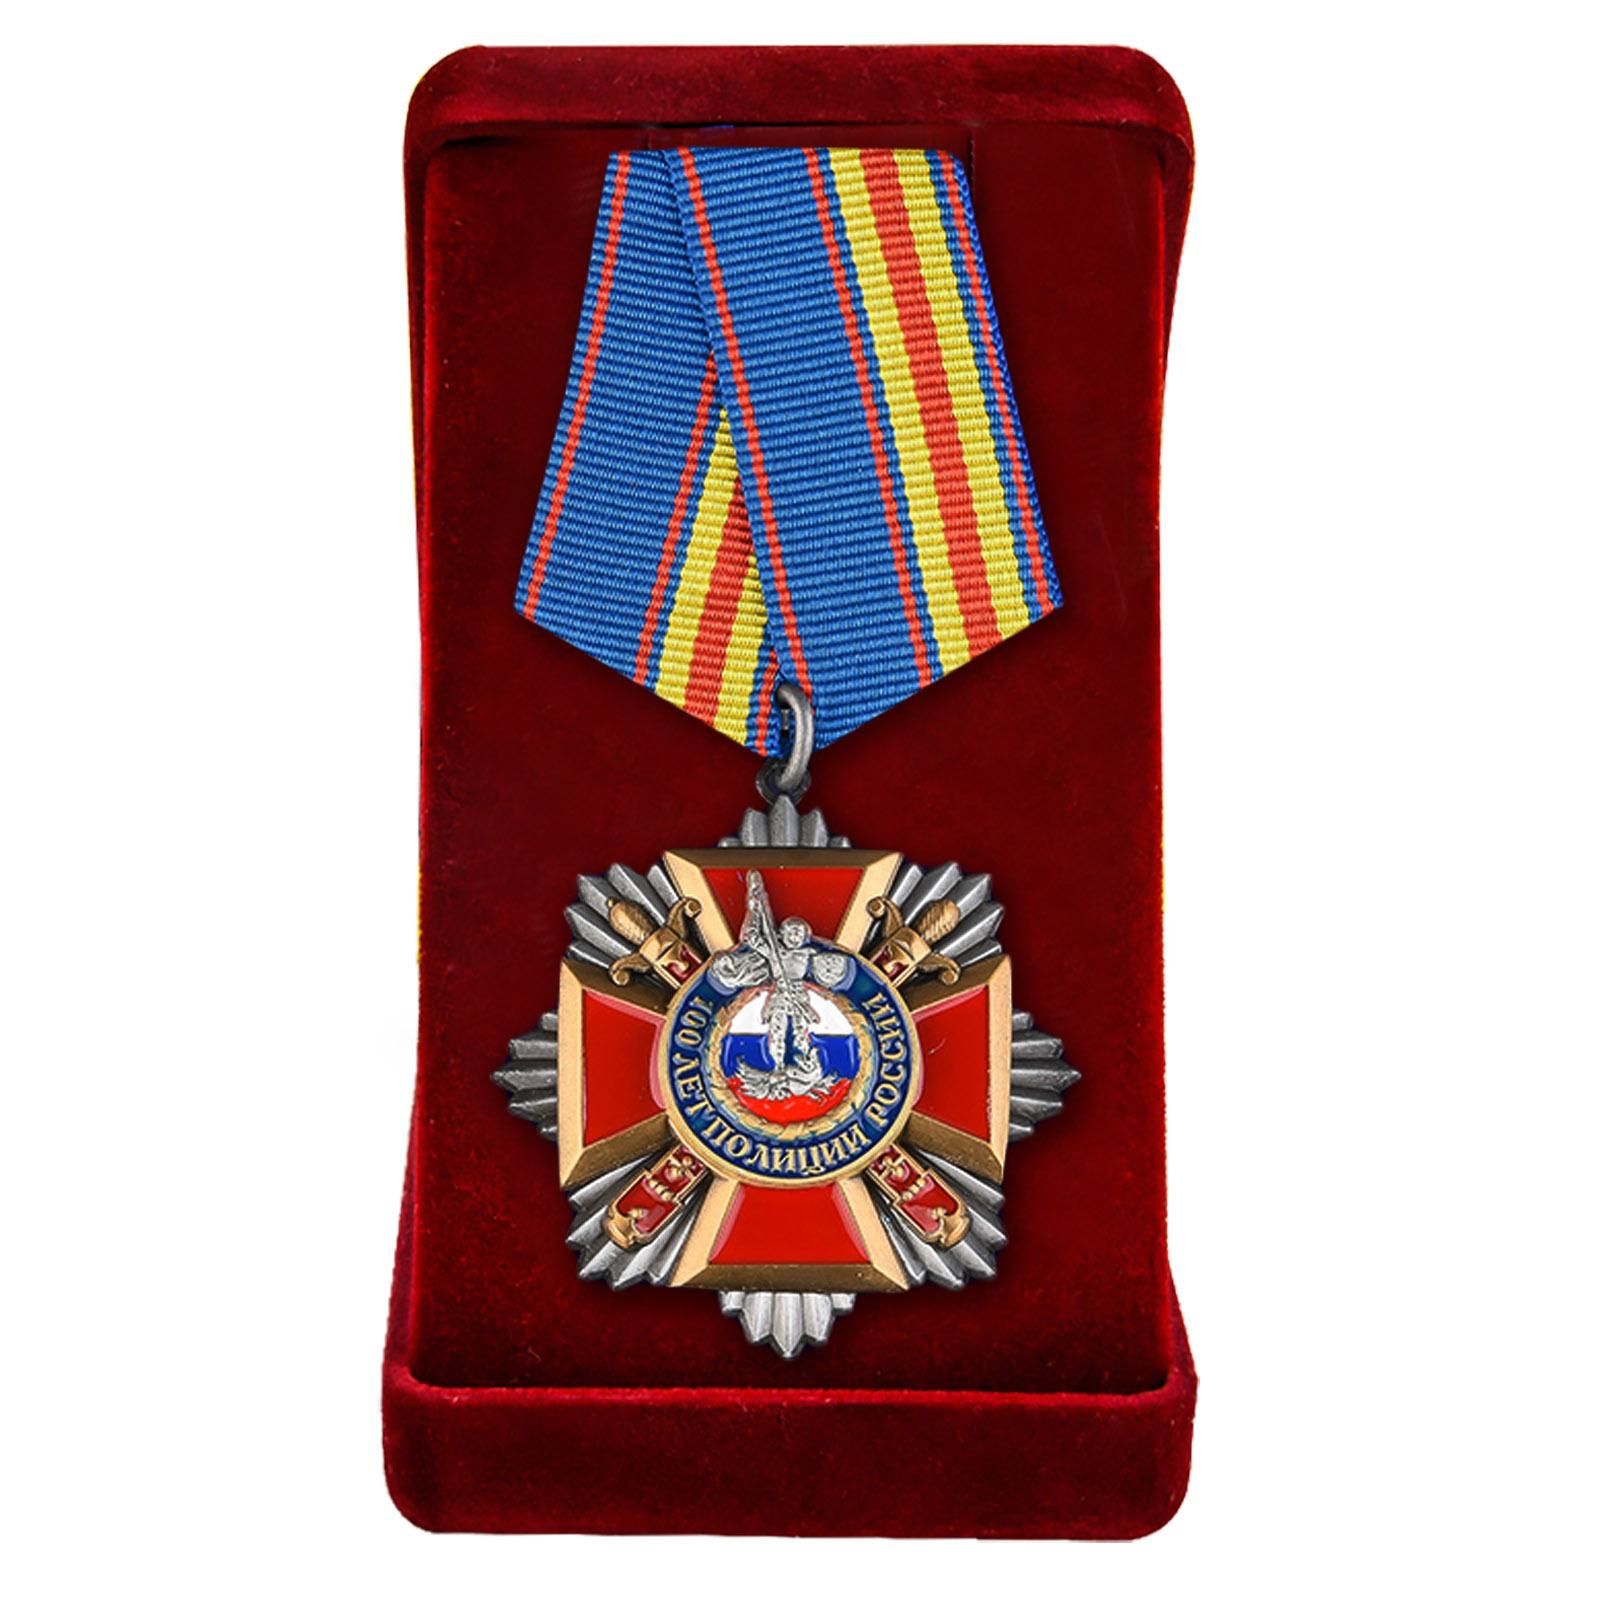 Купить юбилейную медаль 100 лет Полиции в подарок онлайн